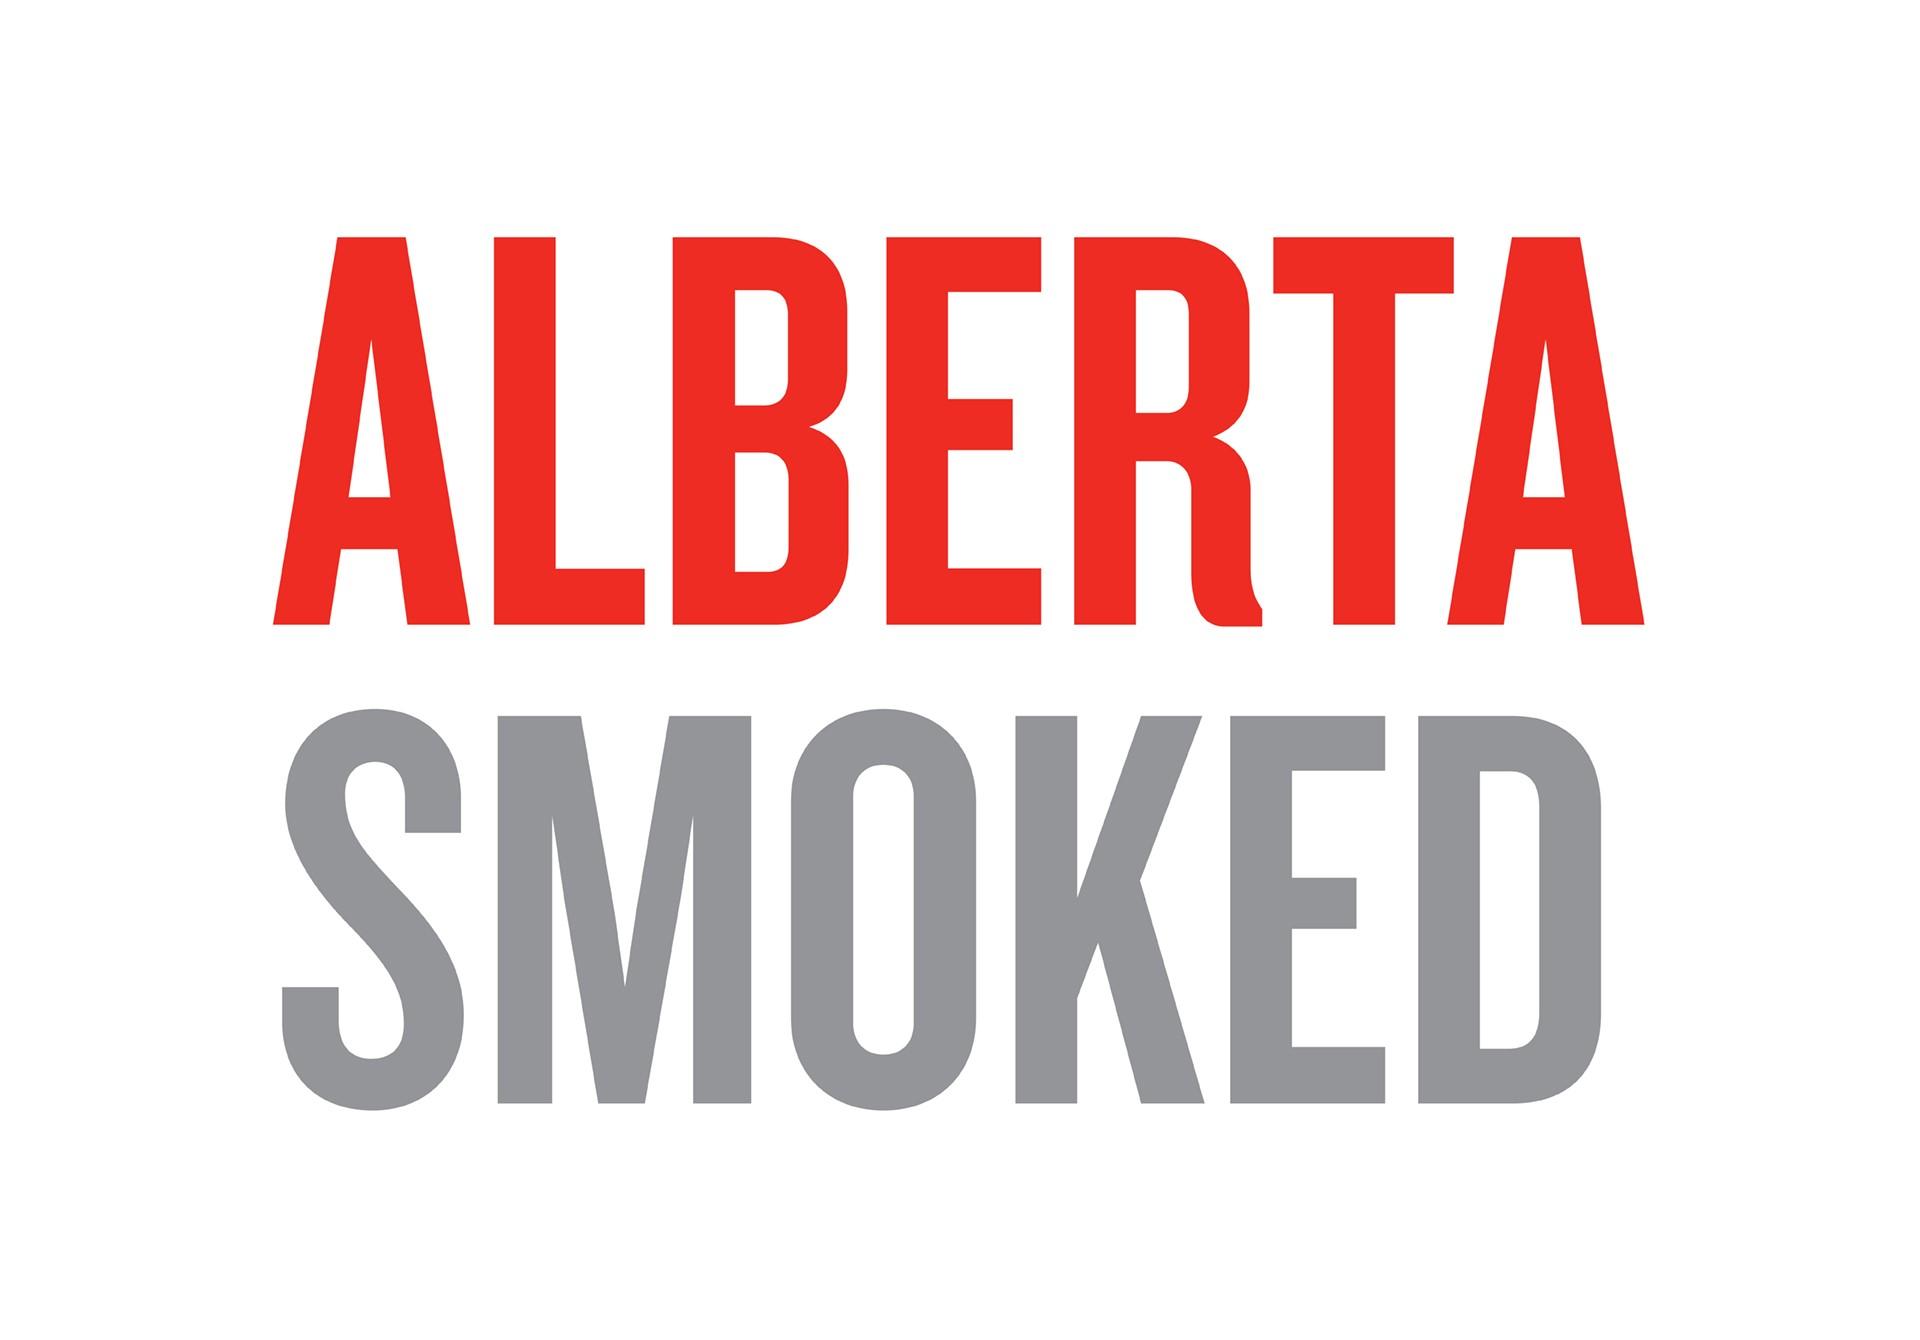 Alberta Smoked (Main Concourse)